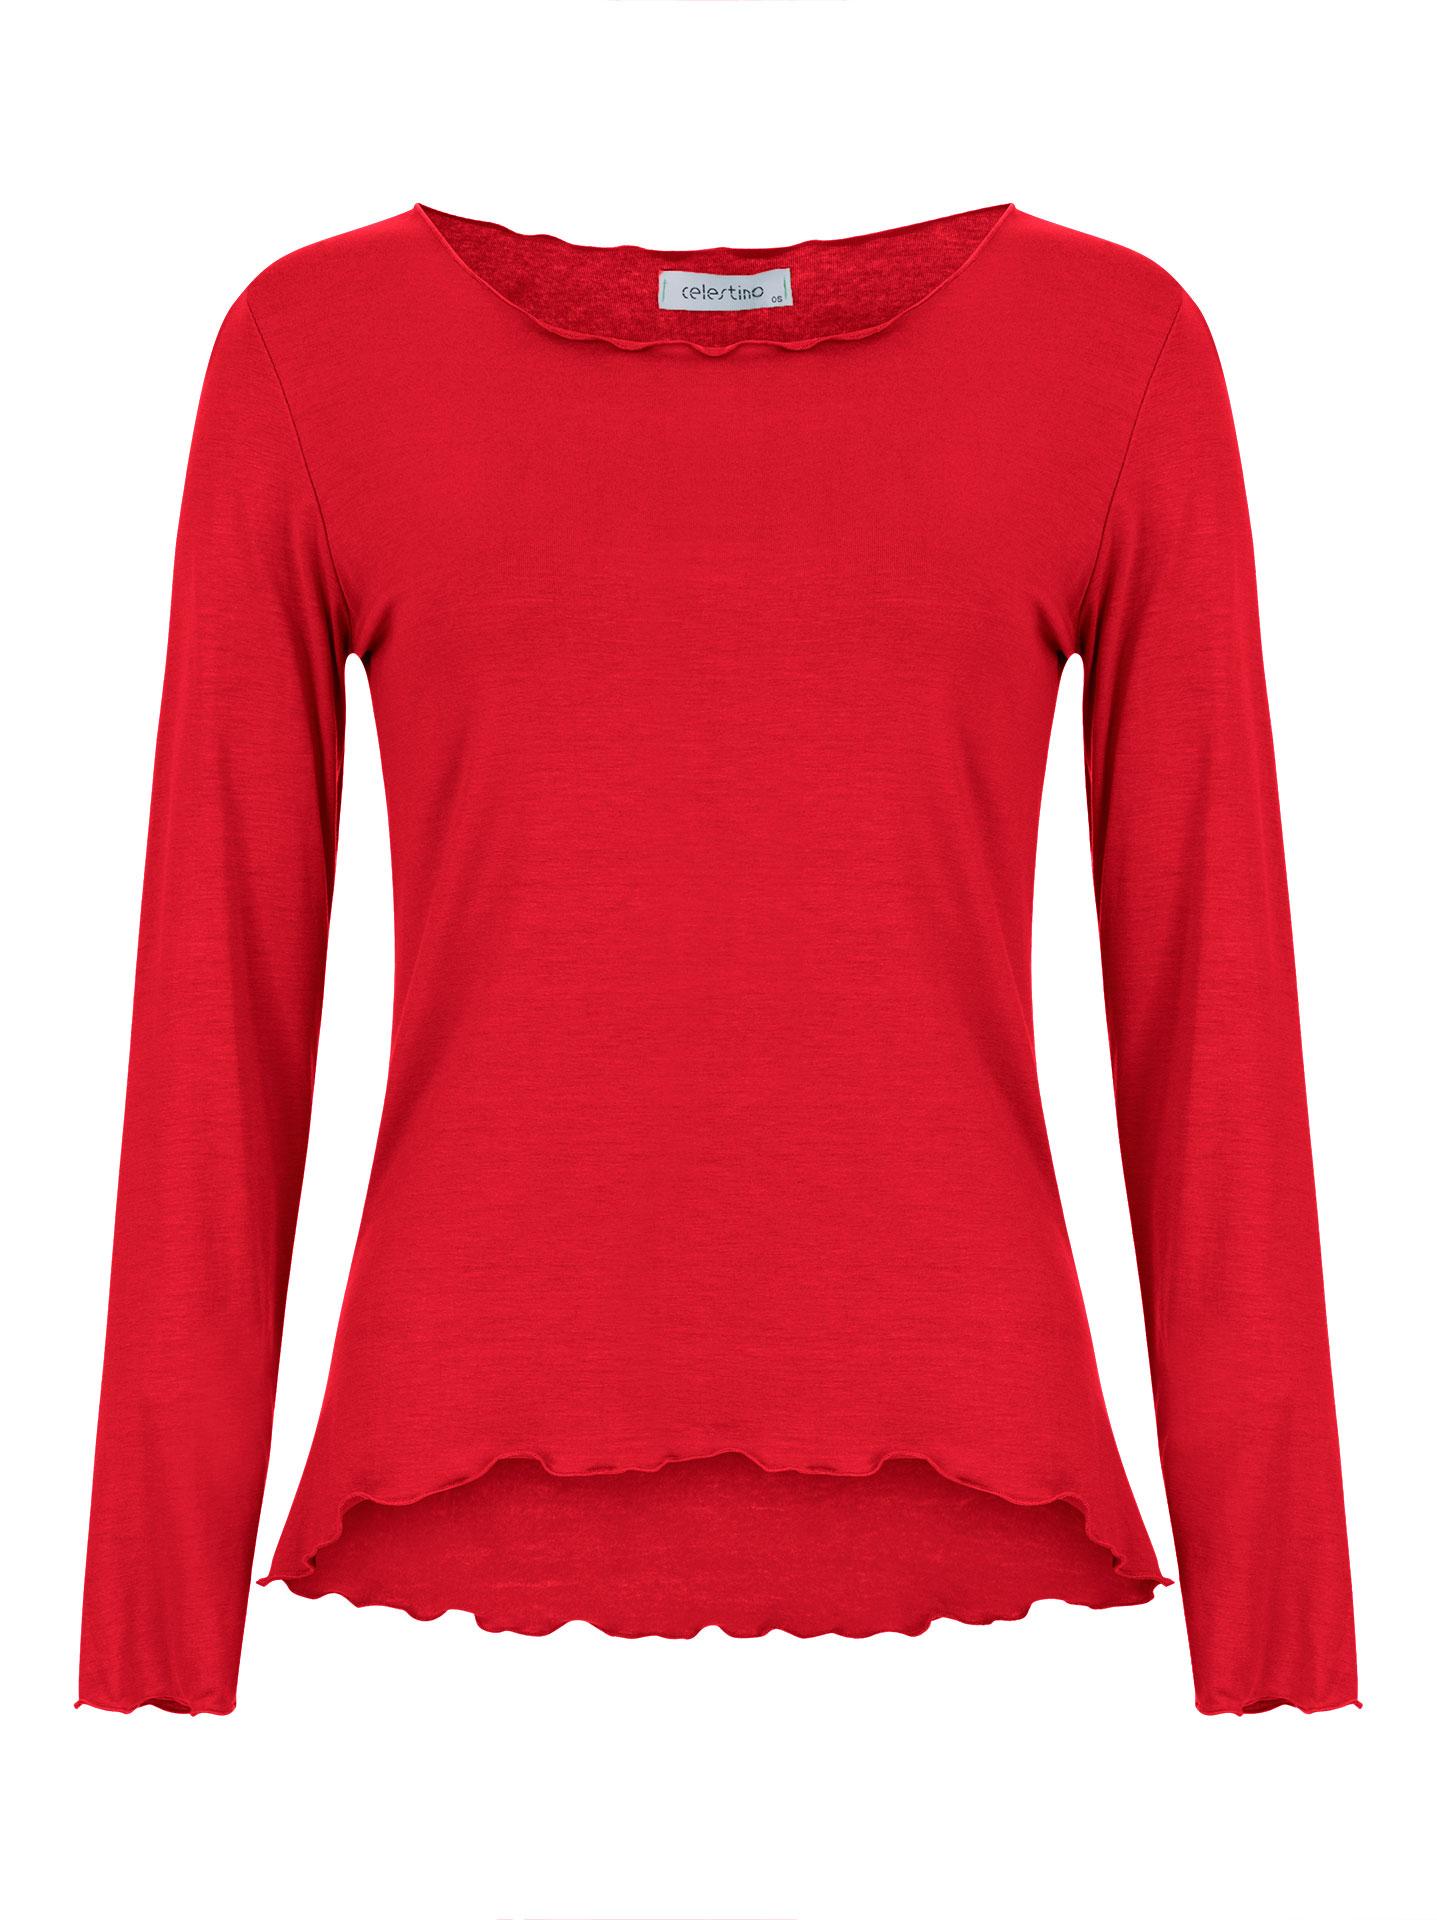 8d55fdc28269 Celestino Μακρυμάνικη μπλούζα με βολάν SE7882.4867+4 - Glami.gr